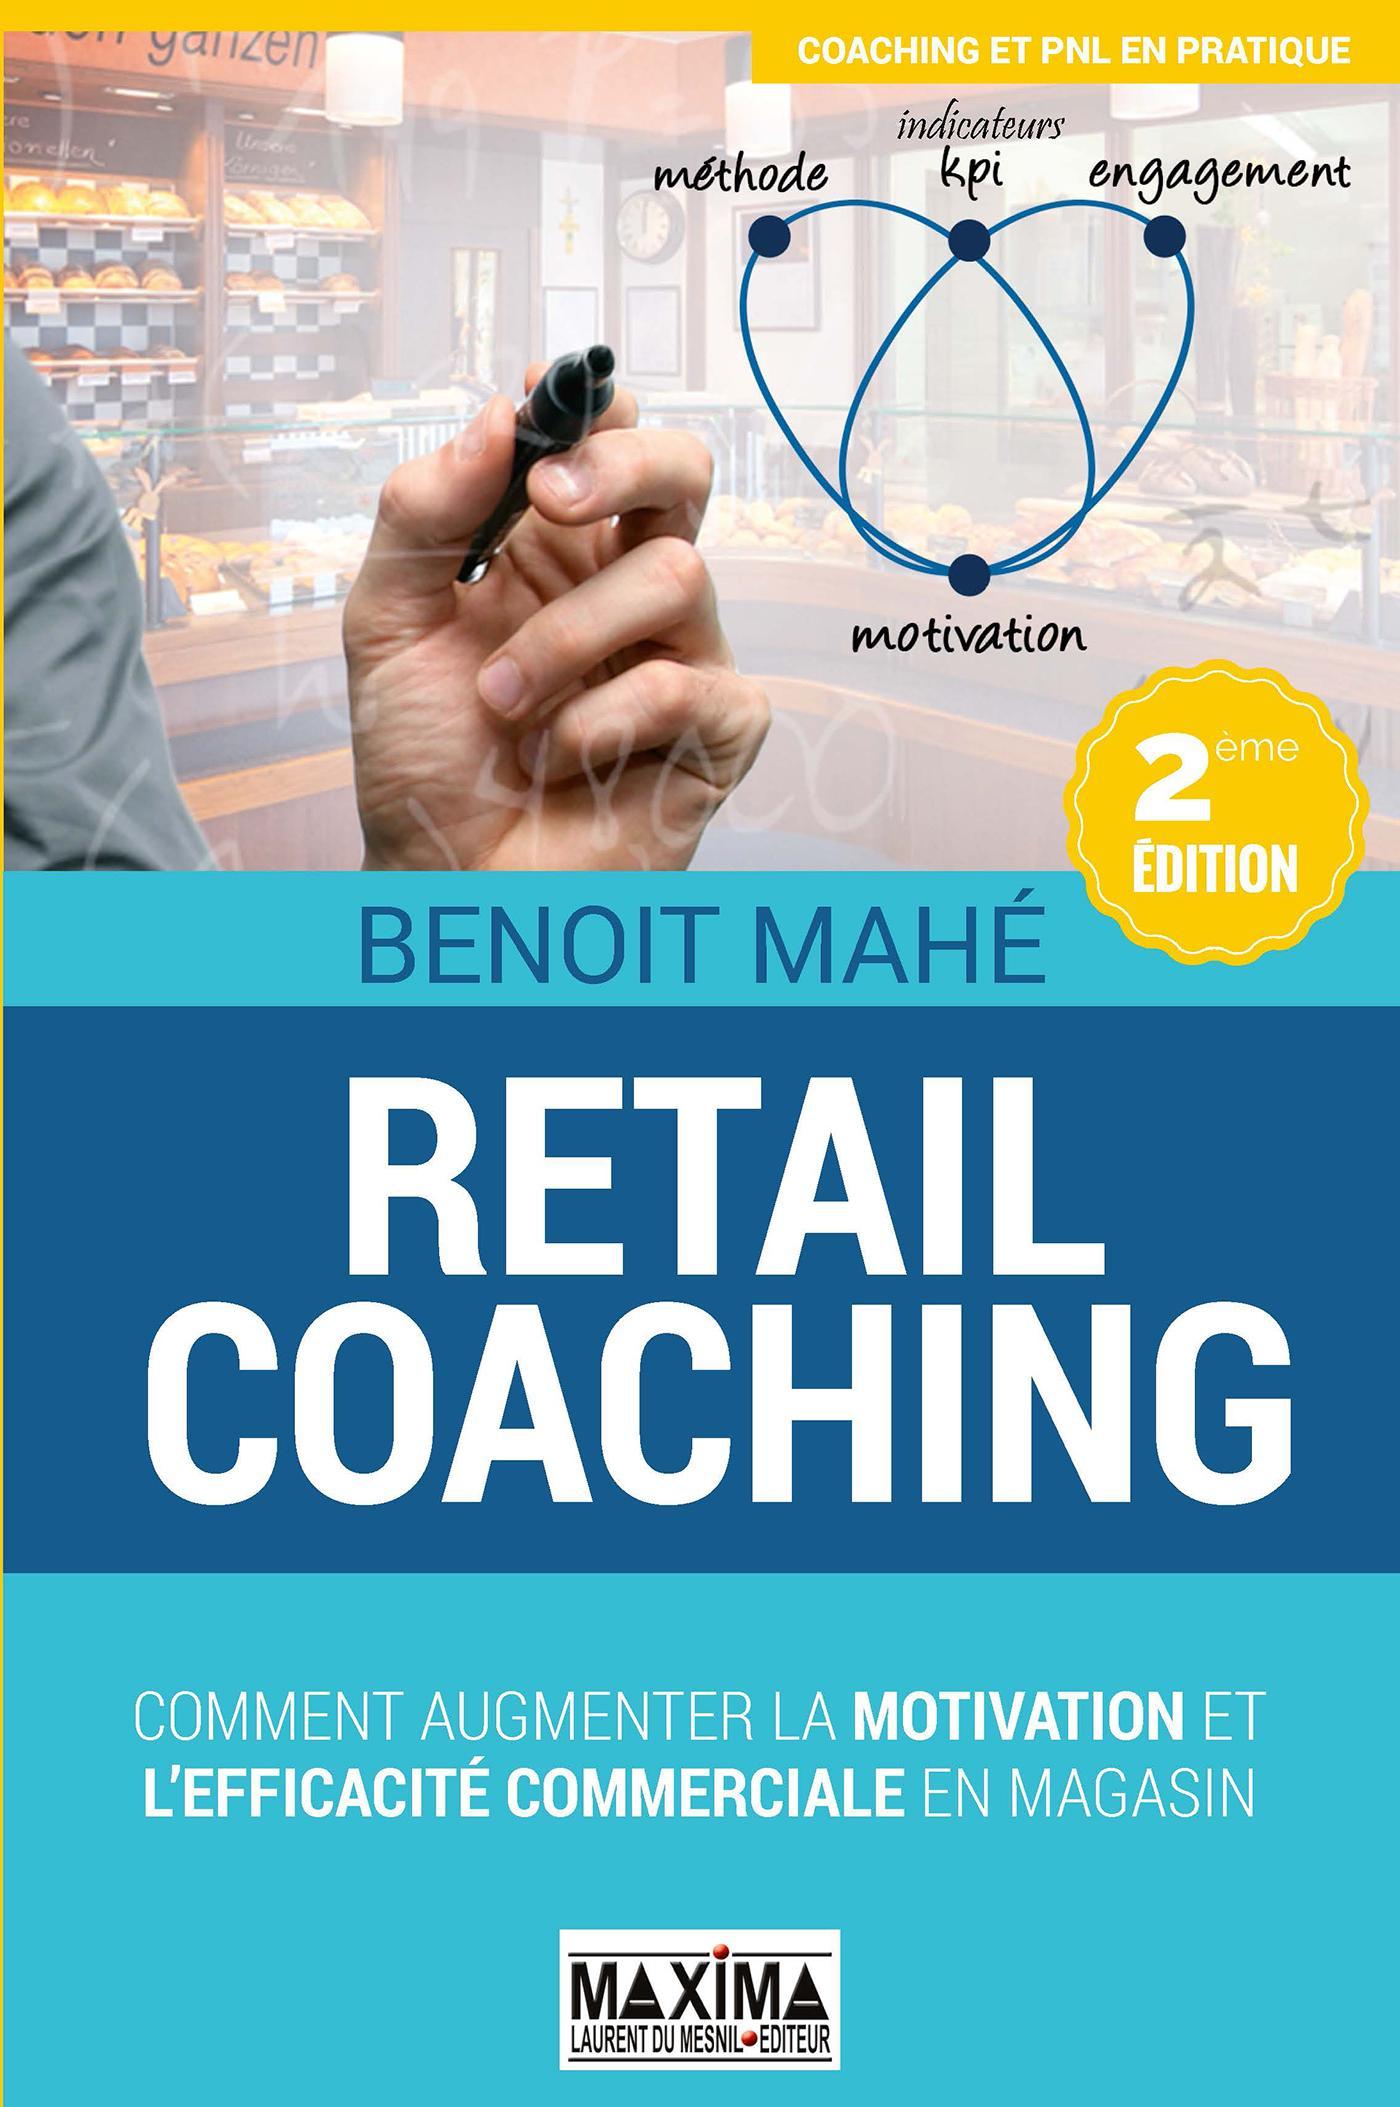 Retail coaching, COMMENT AUGMENTER LA MOTIVATION ET L'EFFICACITÉ COMMERCIALE EN MAGASIN